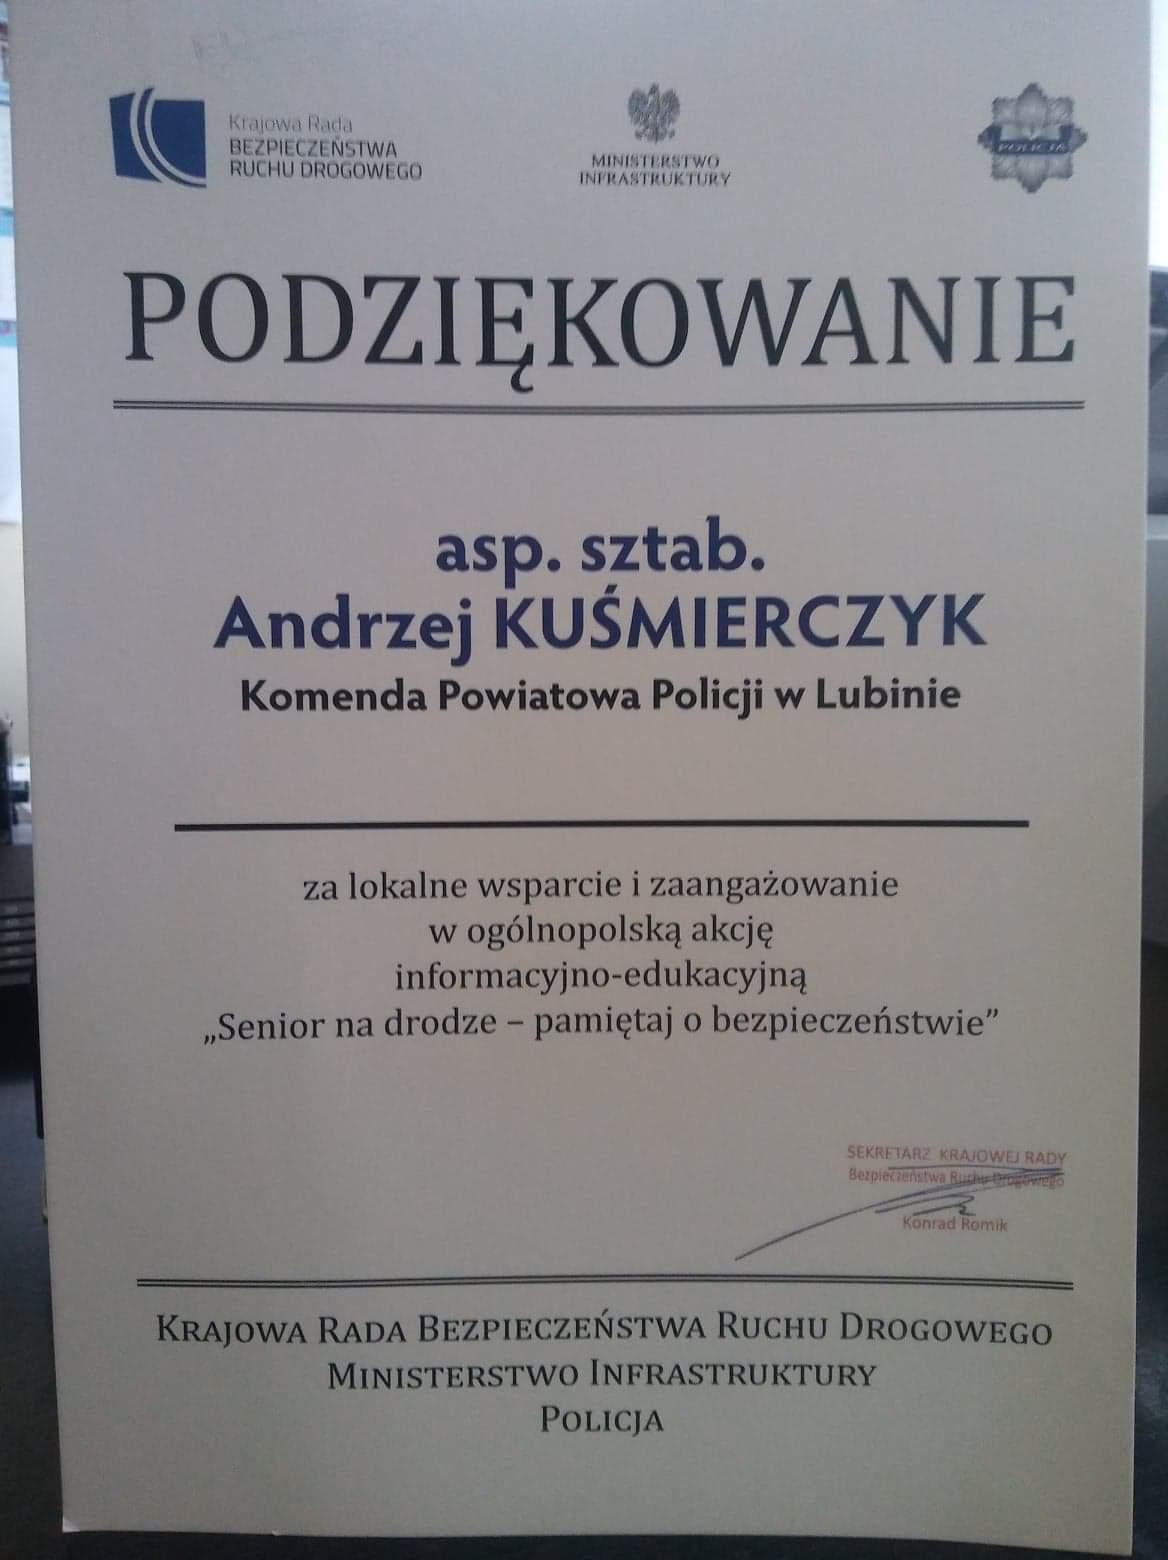 Kolejne uznanie dla asp. sztab. Andrzeja Kuśmierczyka